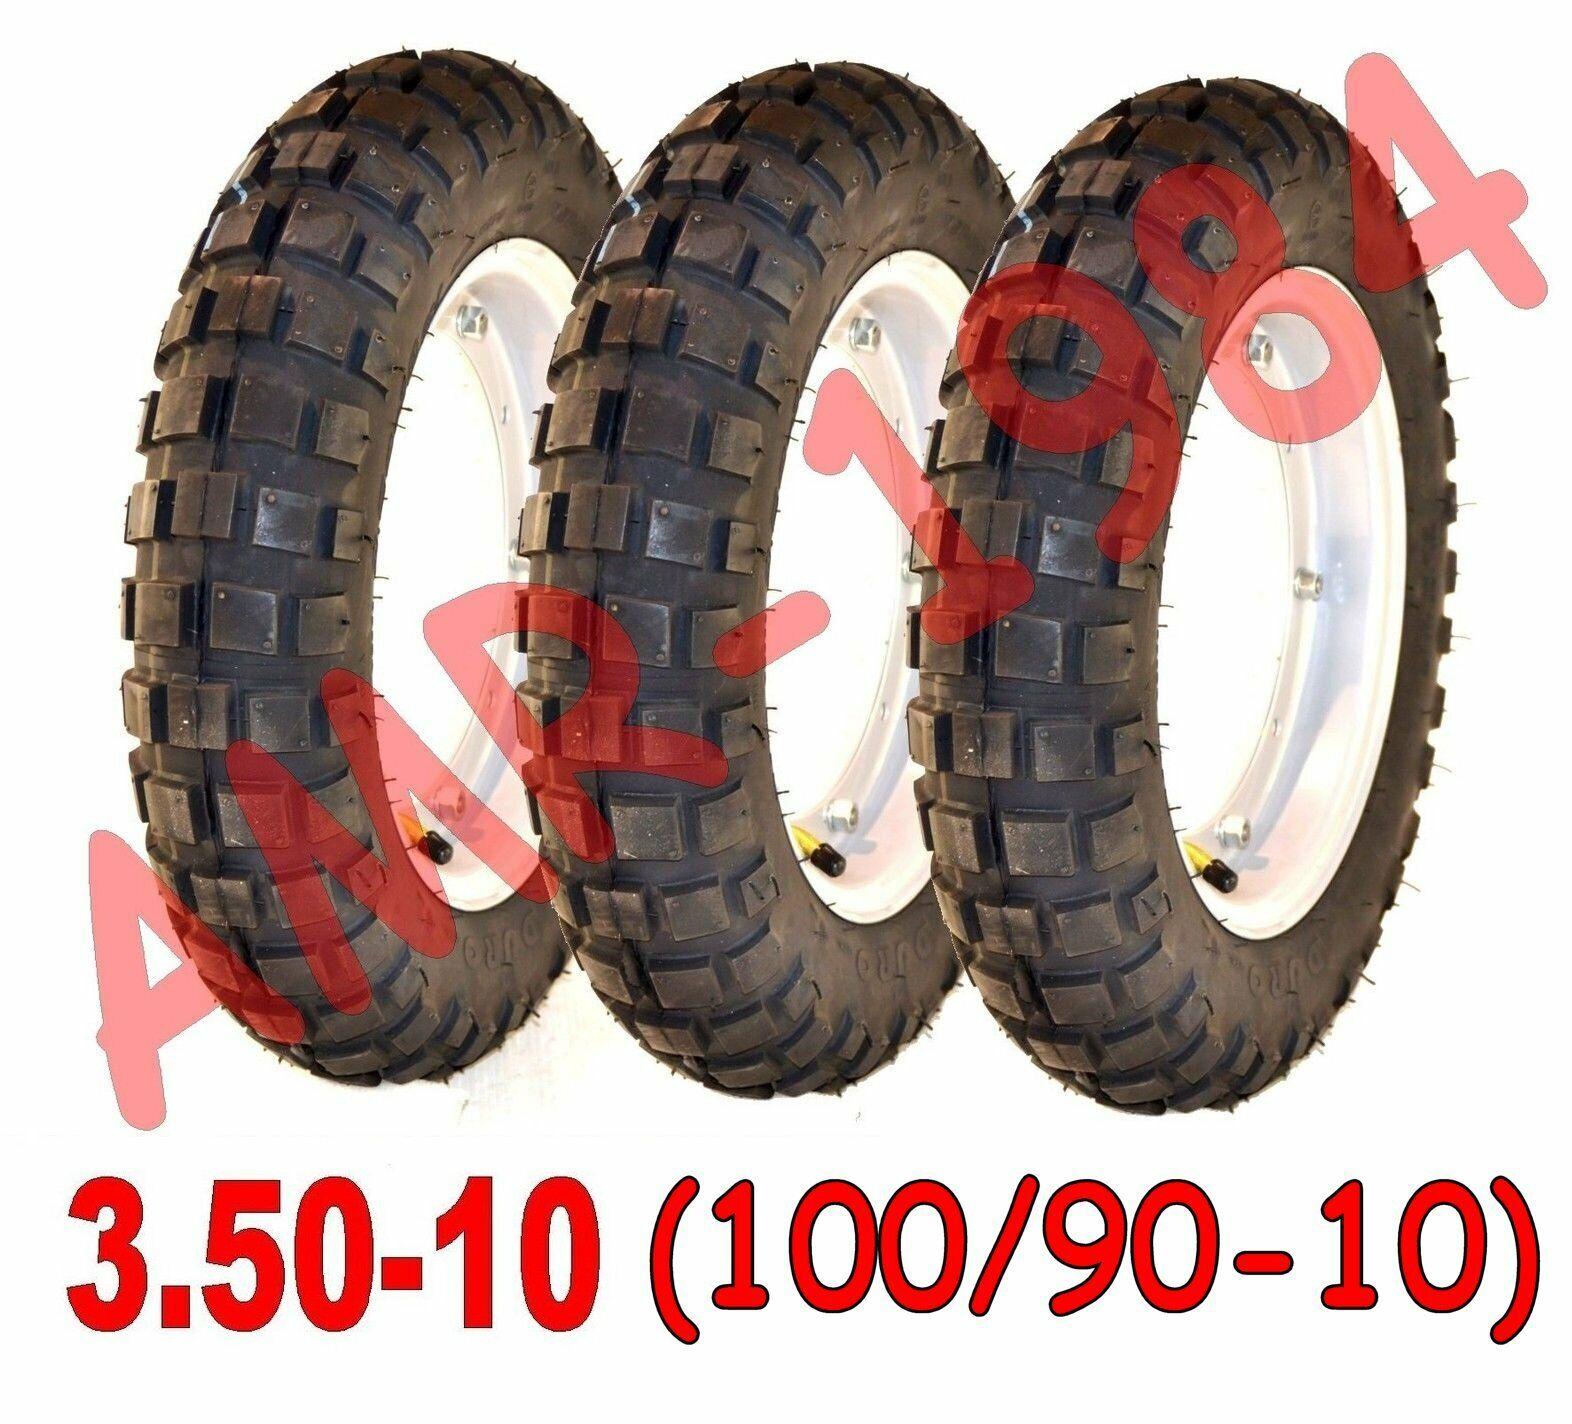 CAMERA D/'ARIA PNEUMATICO CROSS 100//90-10 PIAGGIO APE 50 TASSELLATO COPERTONE